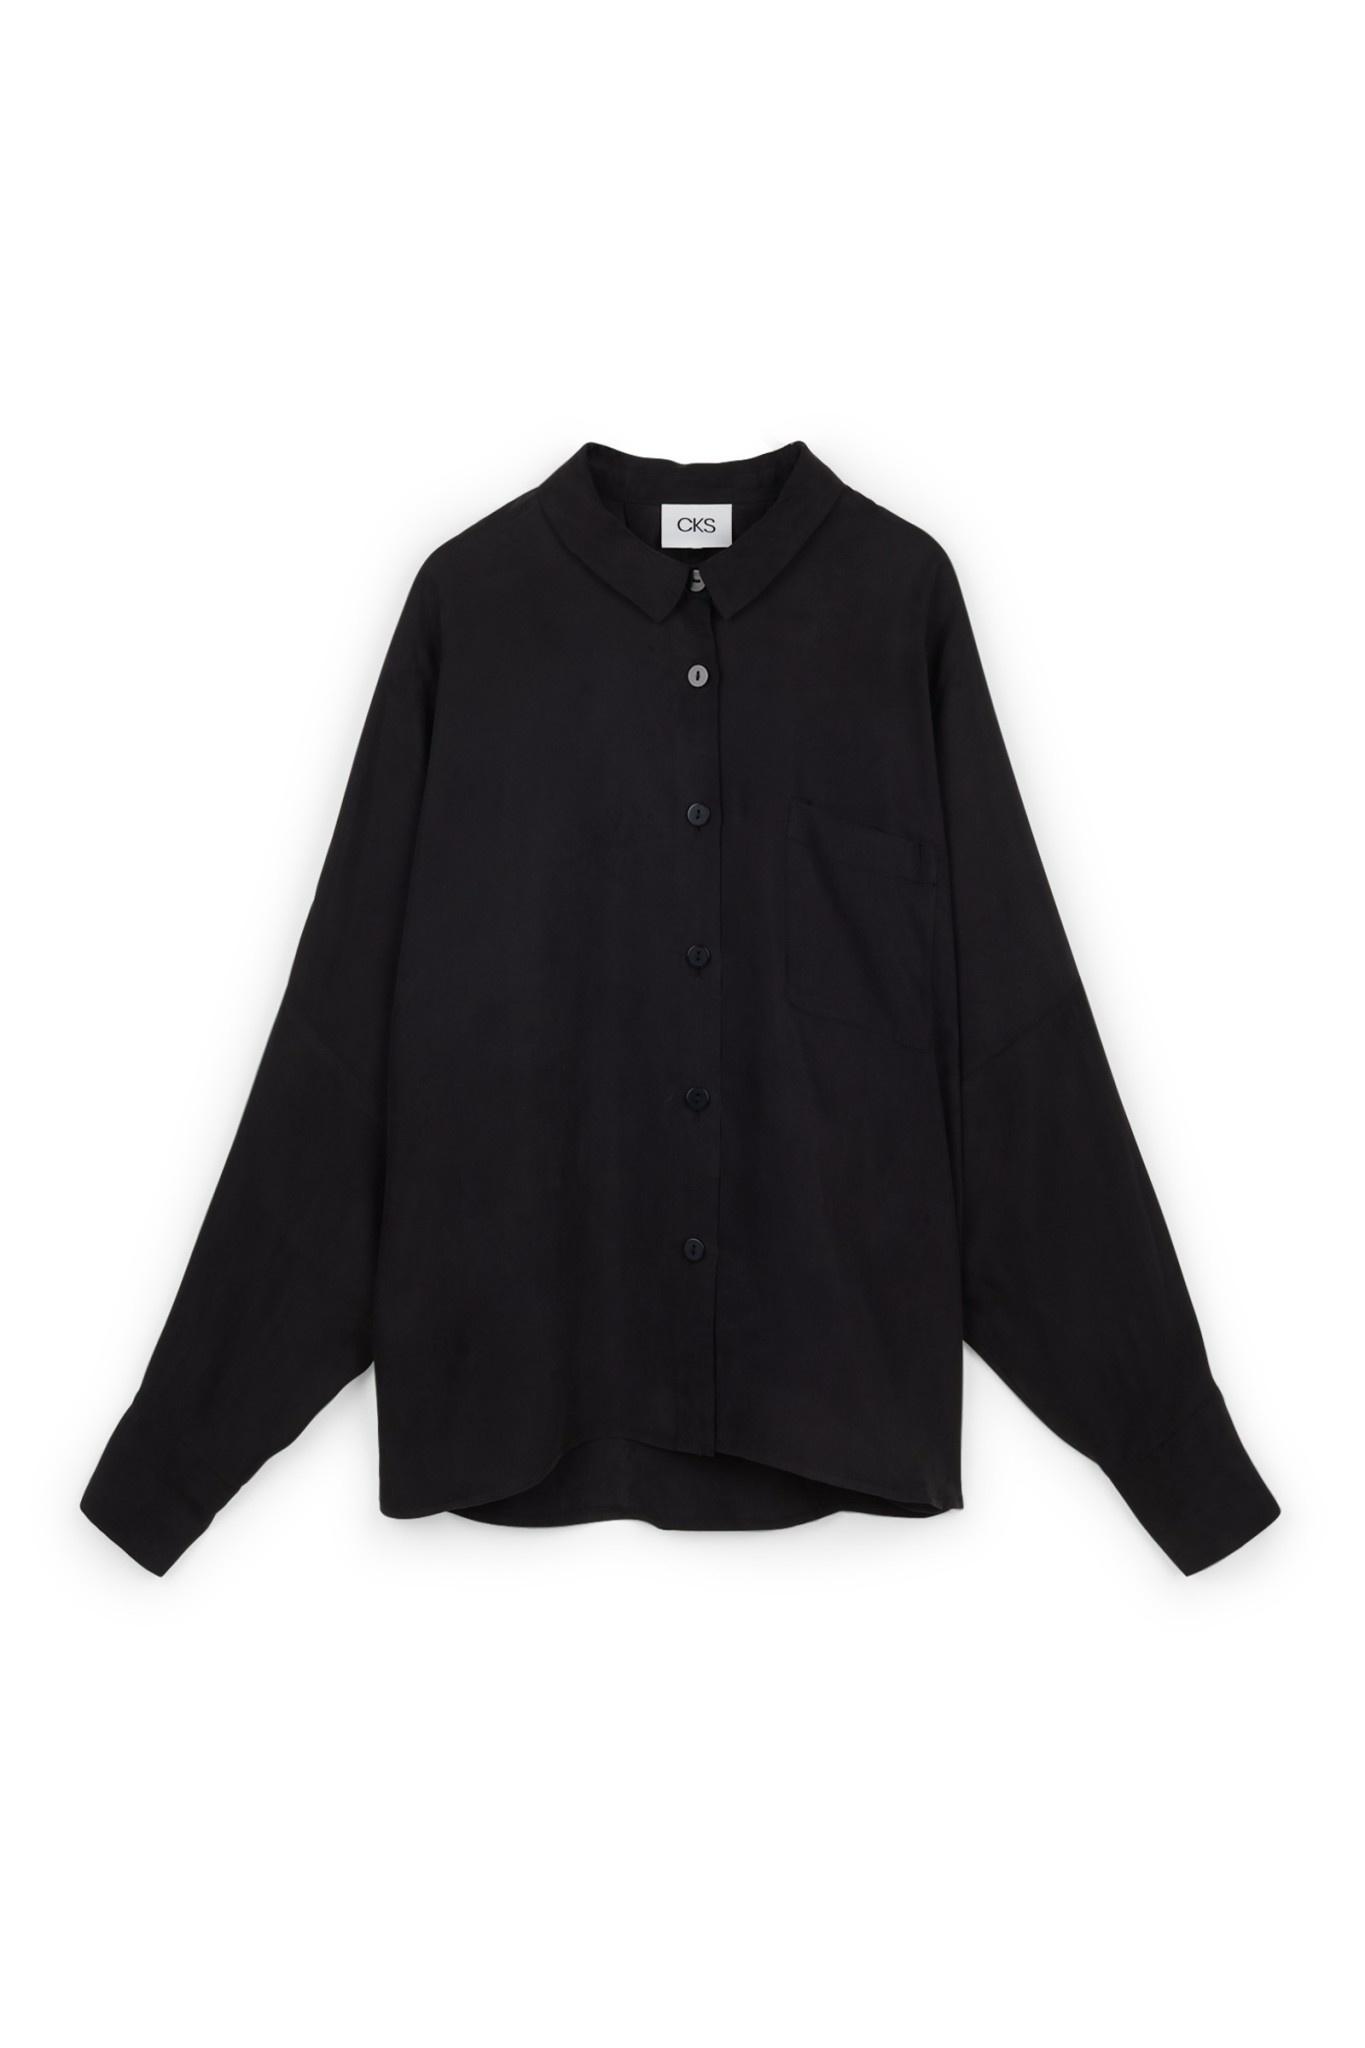 CKS Wazna blouse